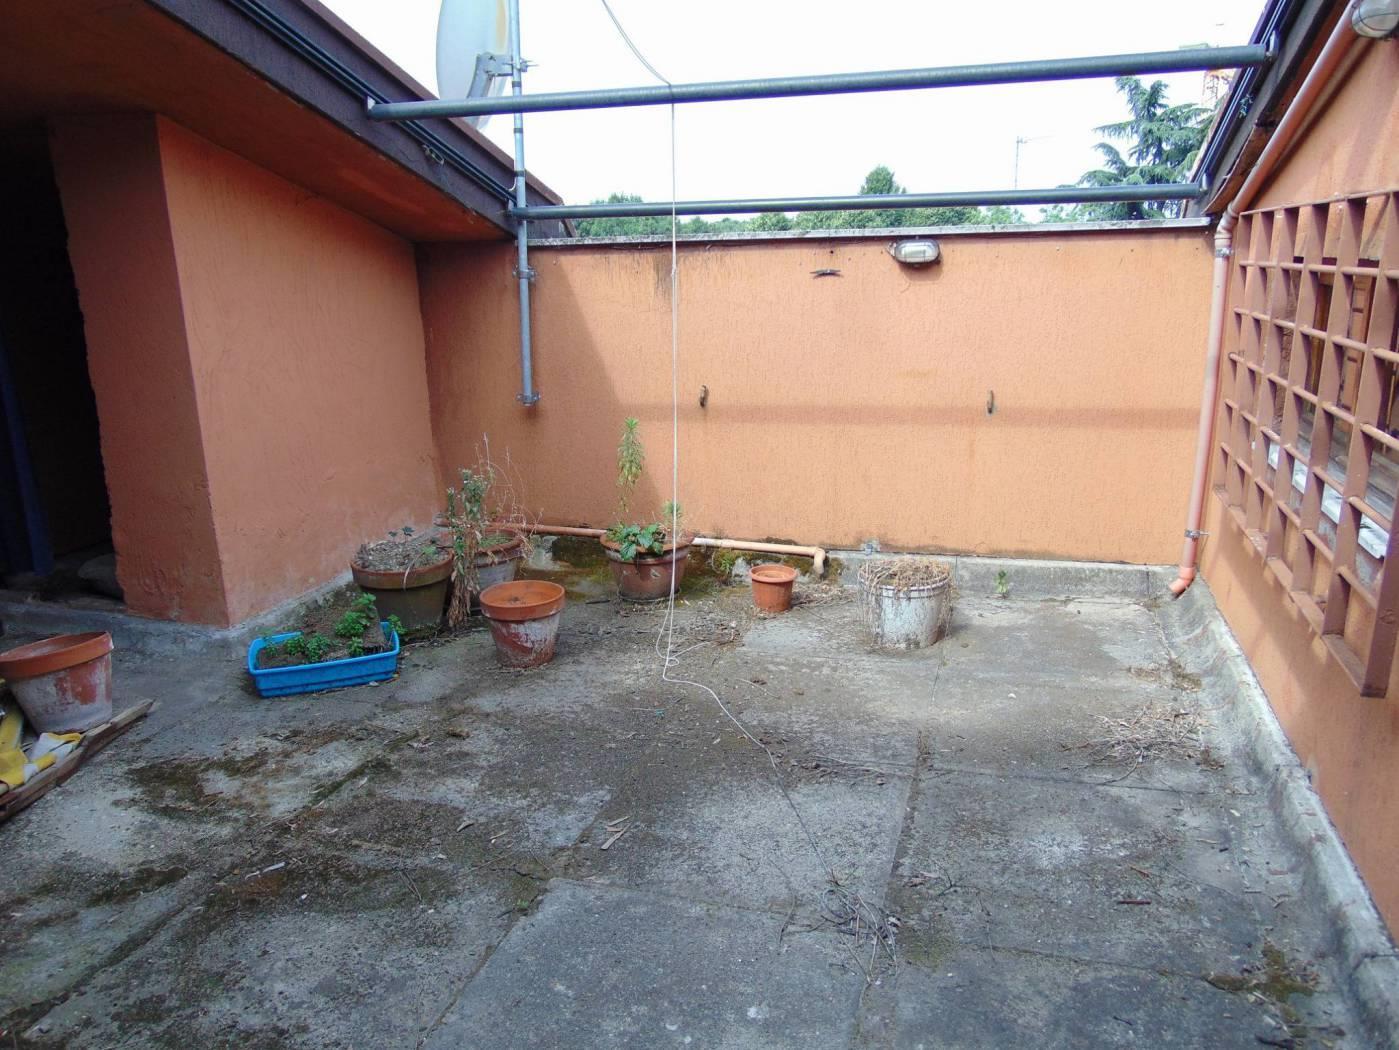 Foto 12 - Appartamento in Vendita - Monza, Zona San Giuseppe